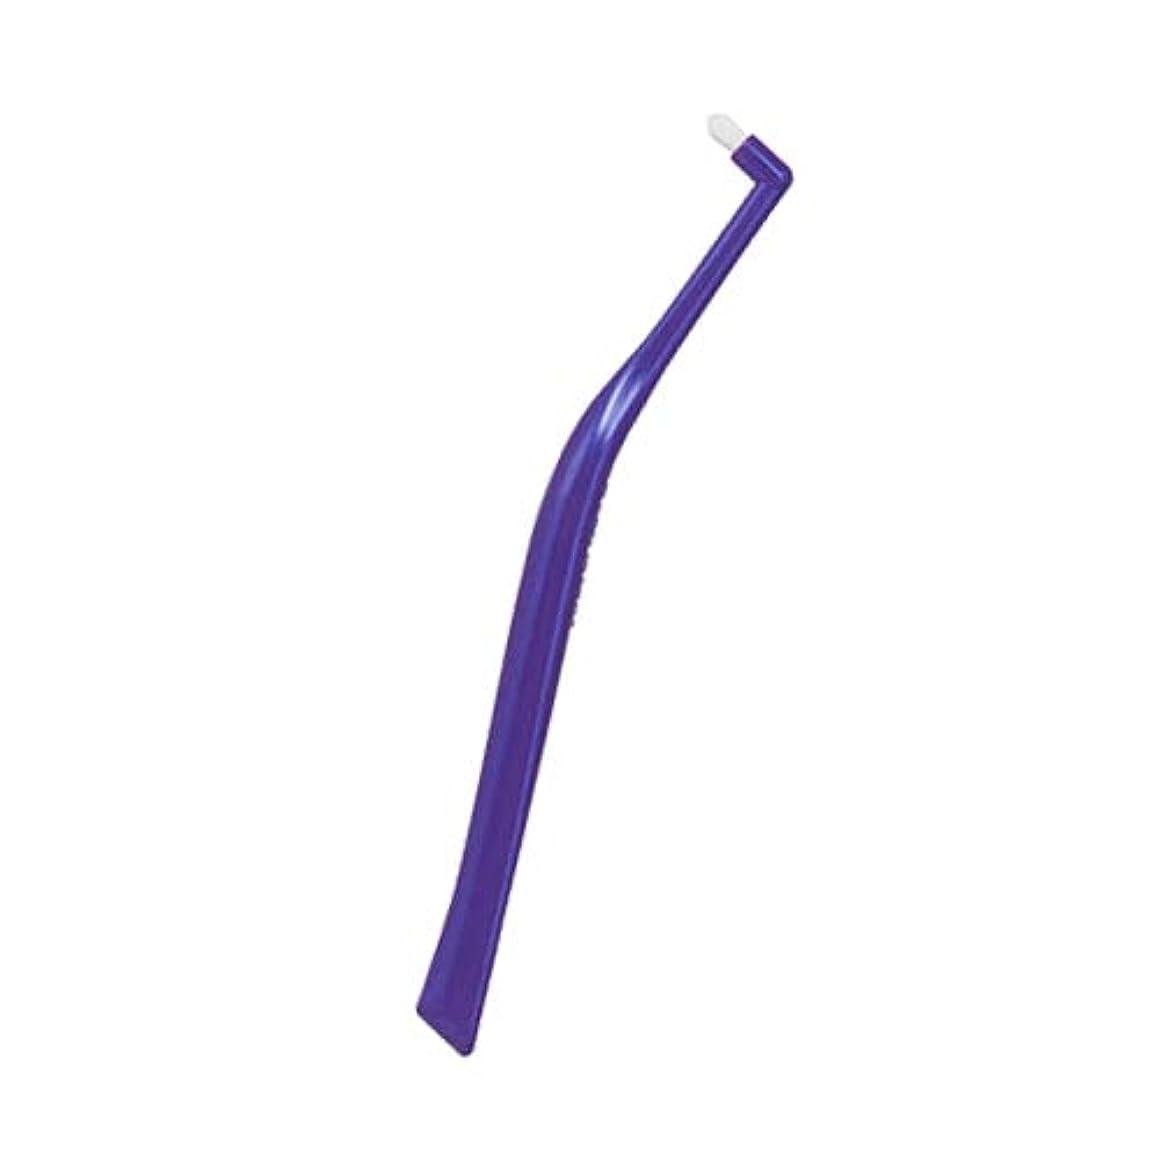 ウィンク達成する実現可能オーラルケア ジャスライ (Just Right) 歯ブラシ × 1本(パープル)ワンタフトブラシ ワンタフト 歯科専用